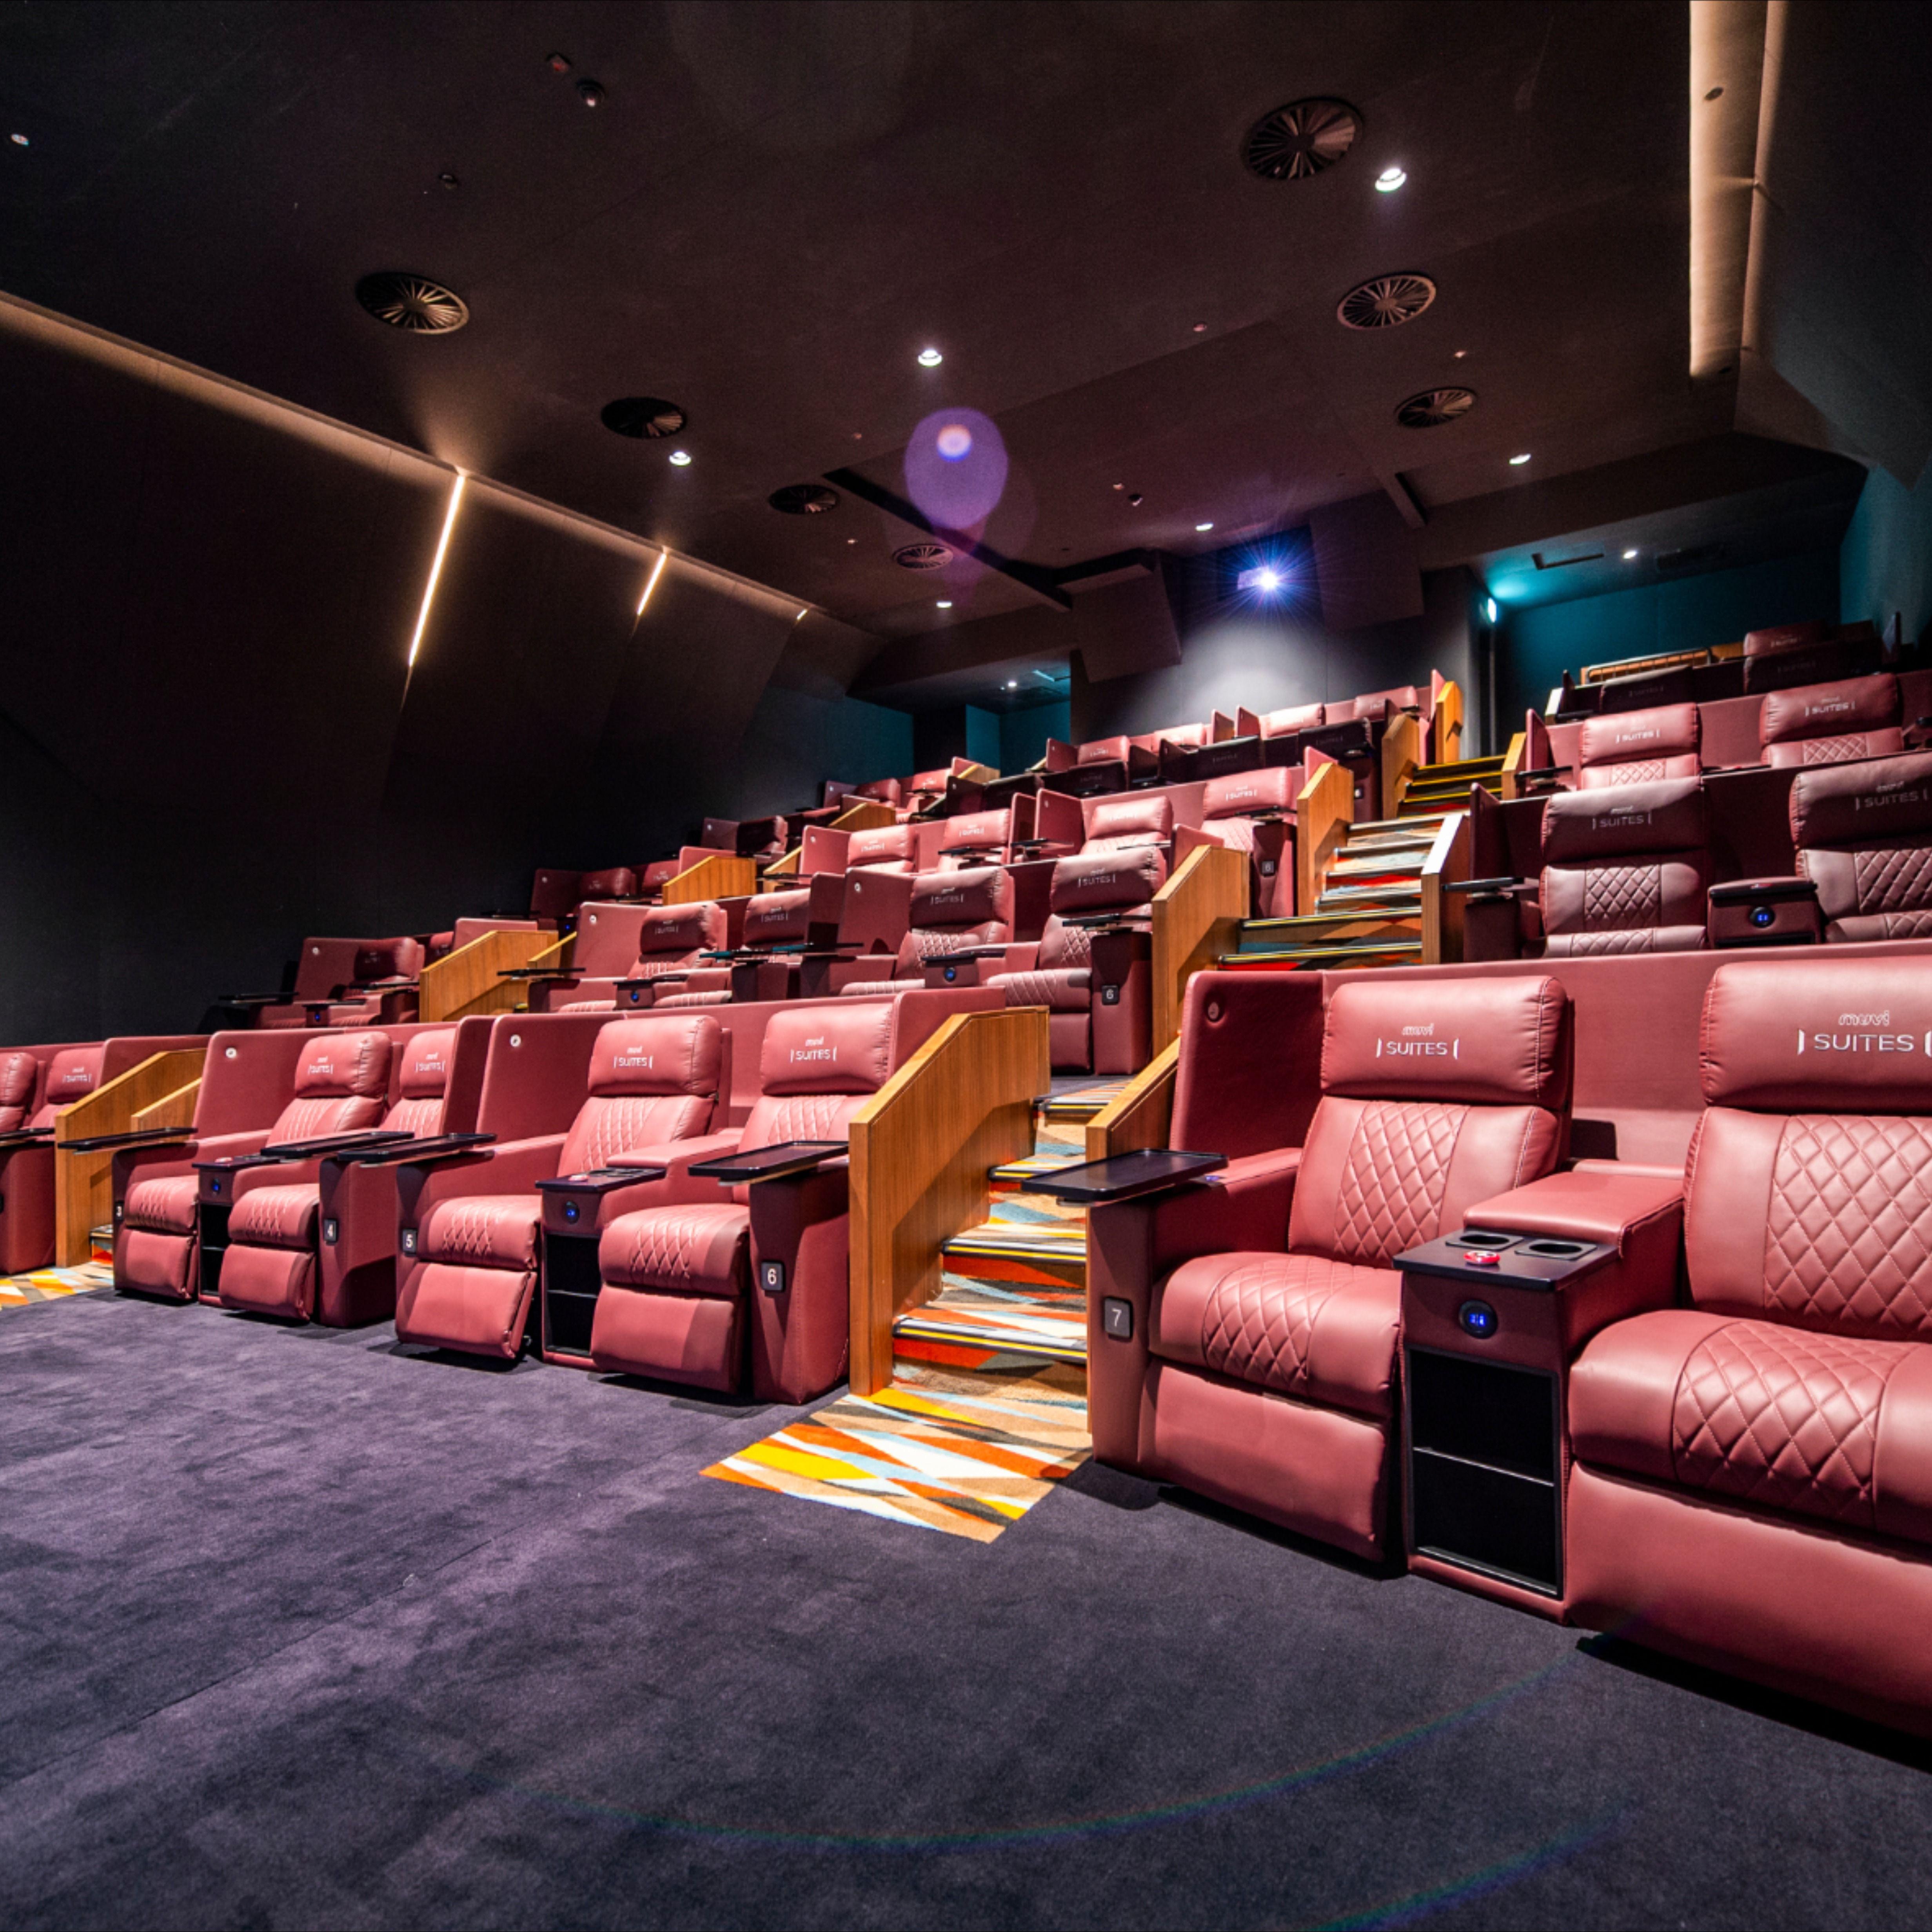 Pin On Cinemas Theaters